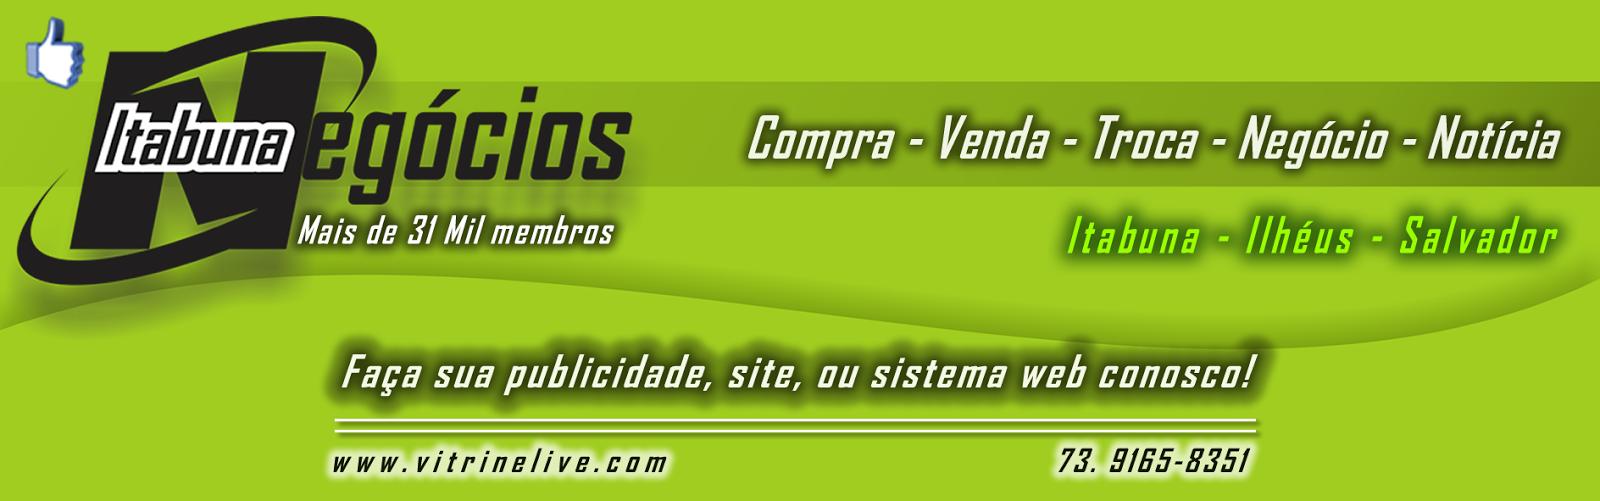 Anuncie Grátis em toda Bahia para mais de 31 Mil pessoas - Itabuna Negócios